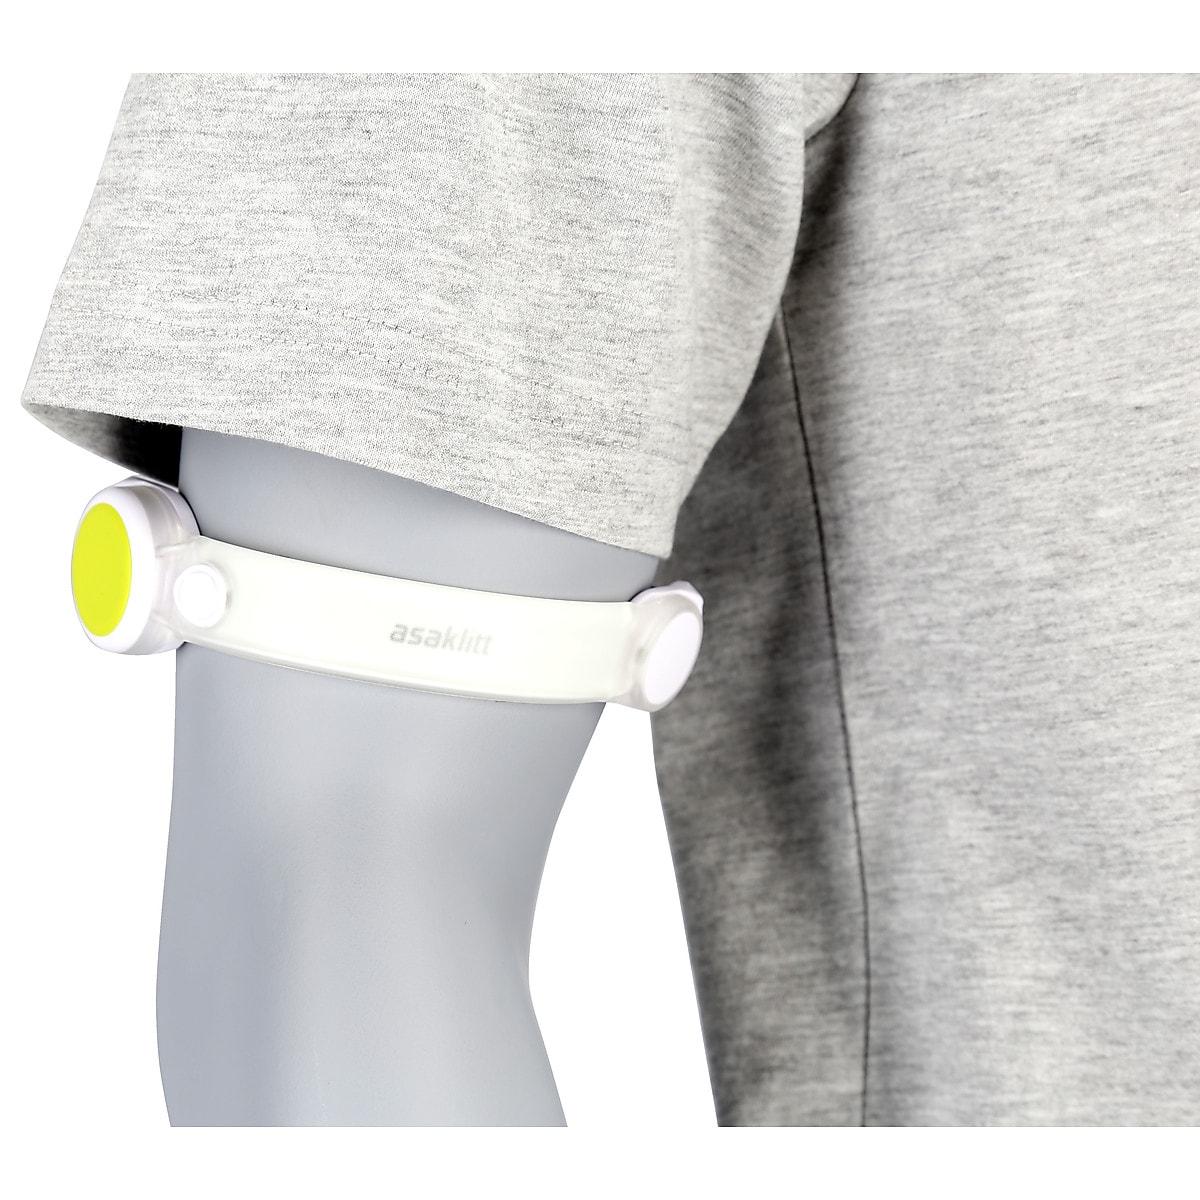 LED-lampa för arm, Asaklitt